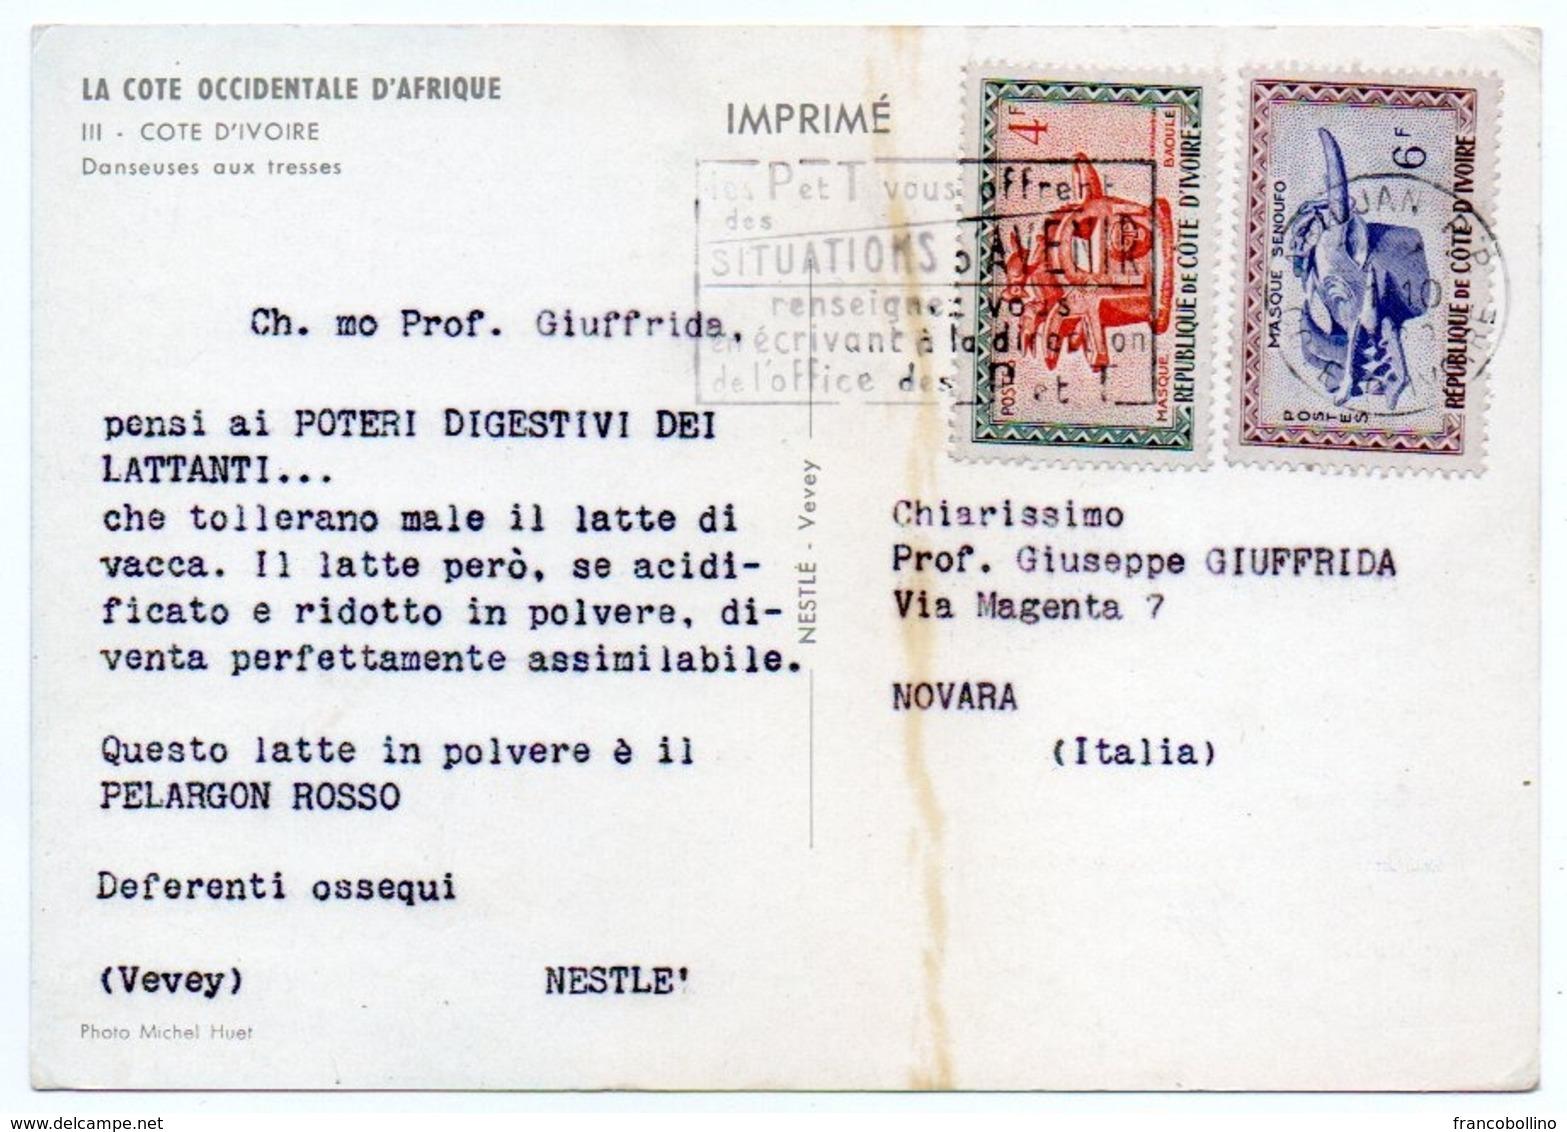 DEAR DOCTOR TYPE PUBL. PELARGON ROSSO-NESTLE' / COTE D'IVOIRE DANSEUSES AUX TRESSES - SEINS NUS/BREASTS NUDE - Costa D'Avorio